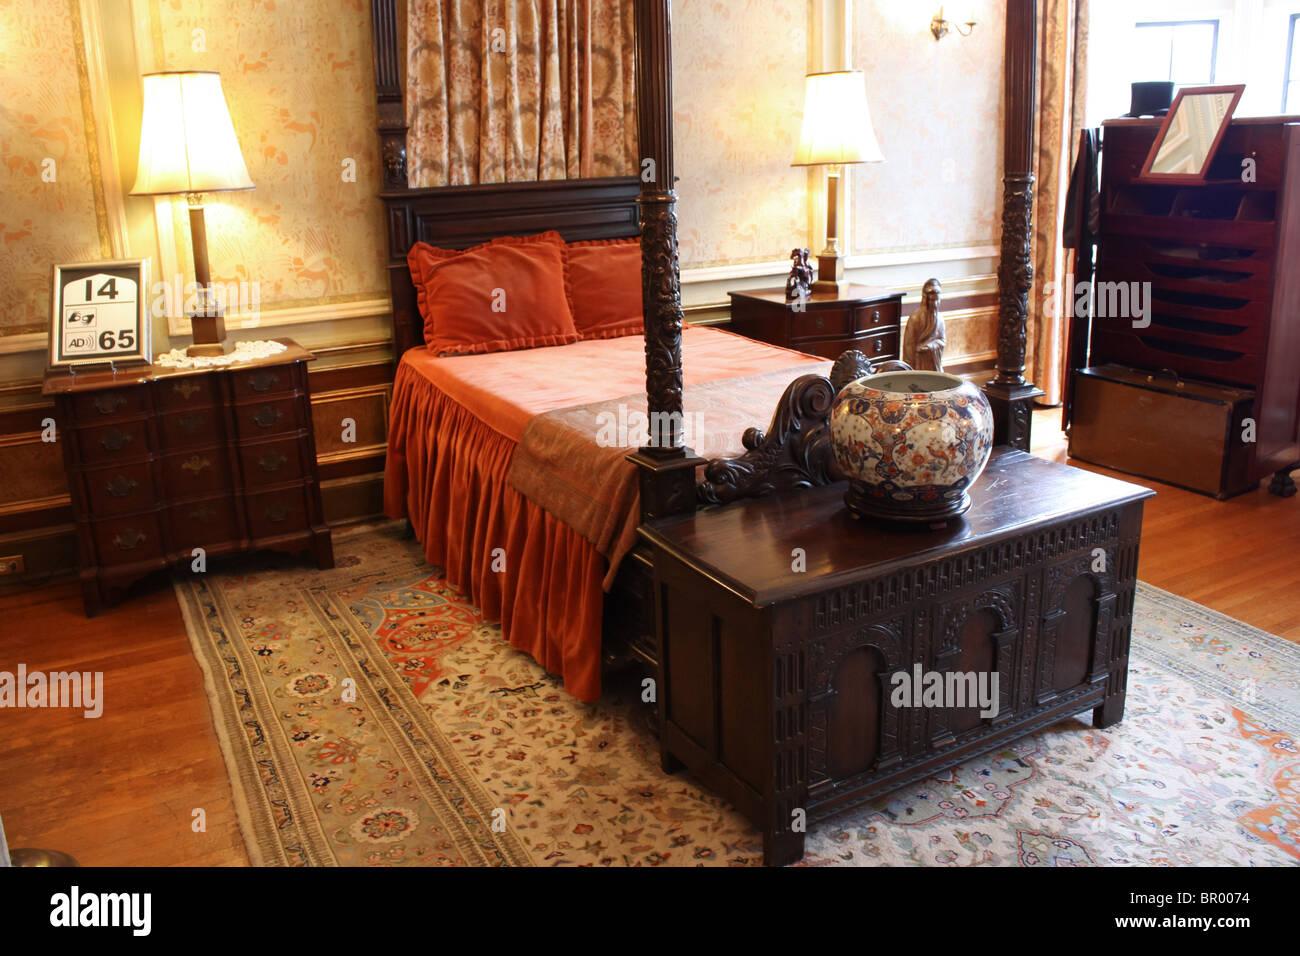 Vintage letto rosso mobili da camera da letto casa LOMA Immagini Stock